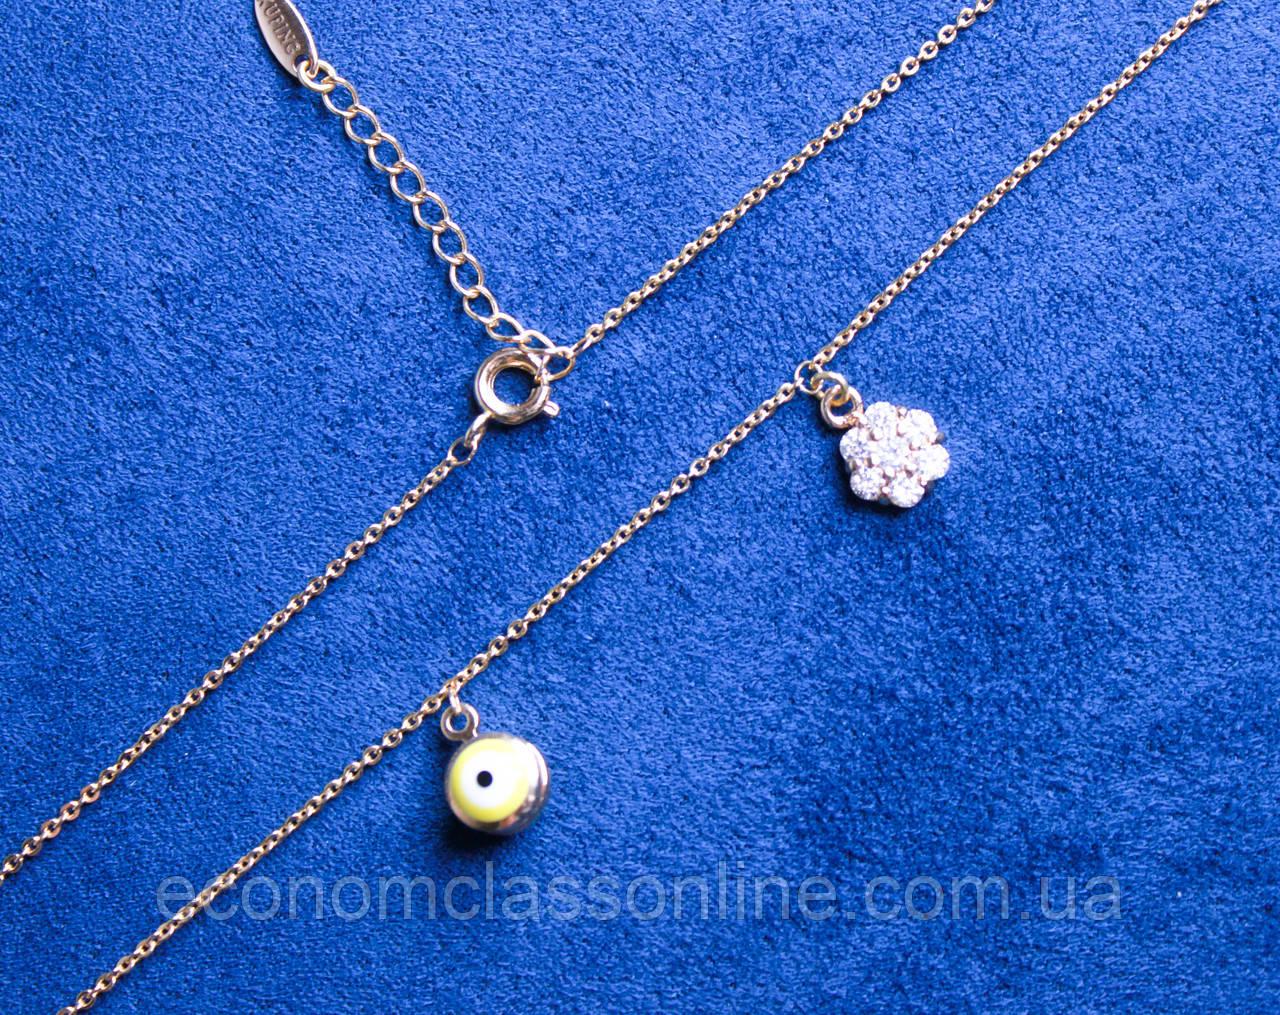 Ожерелье фирмы Xuping с кулонами (color 4)